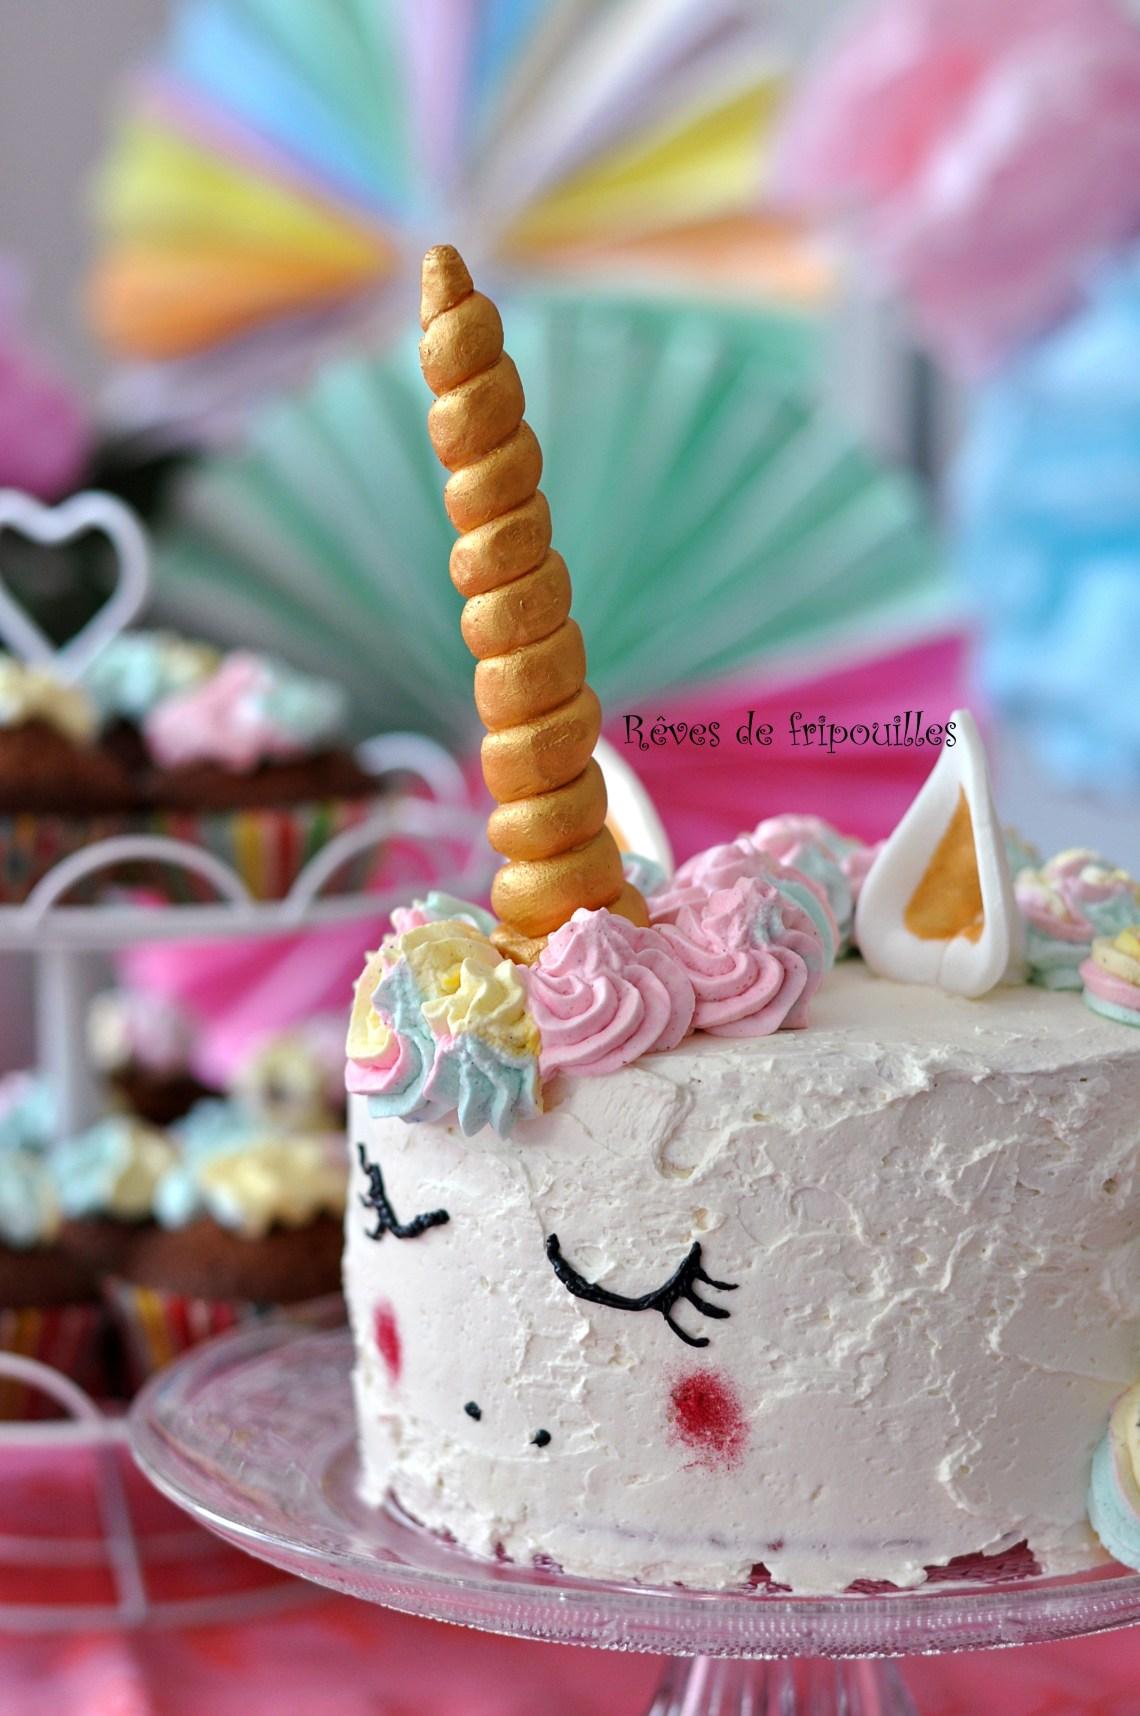 Fabriquer Une Pinata Facile Et Rapide une fête d'anniversaire licorne – rêves de fripouilles